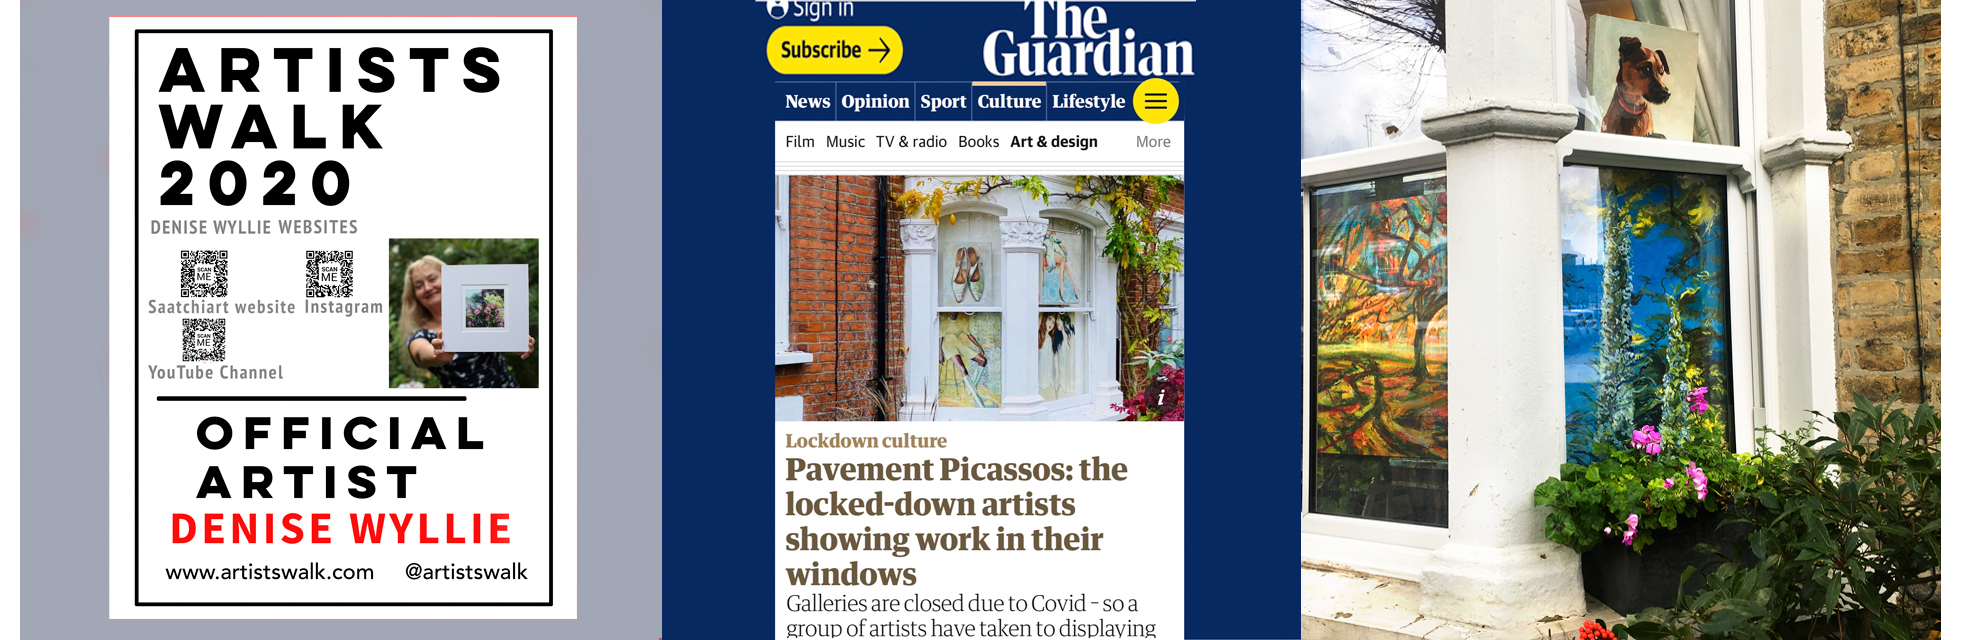 Denise Wyllie locked-down 'window art exhibition'